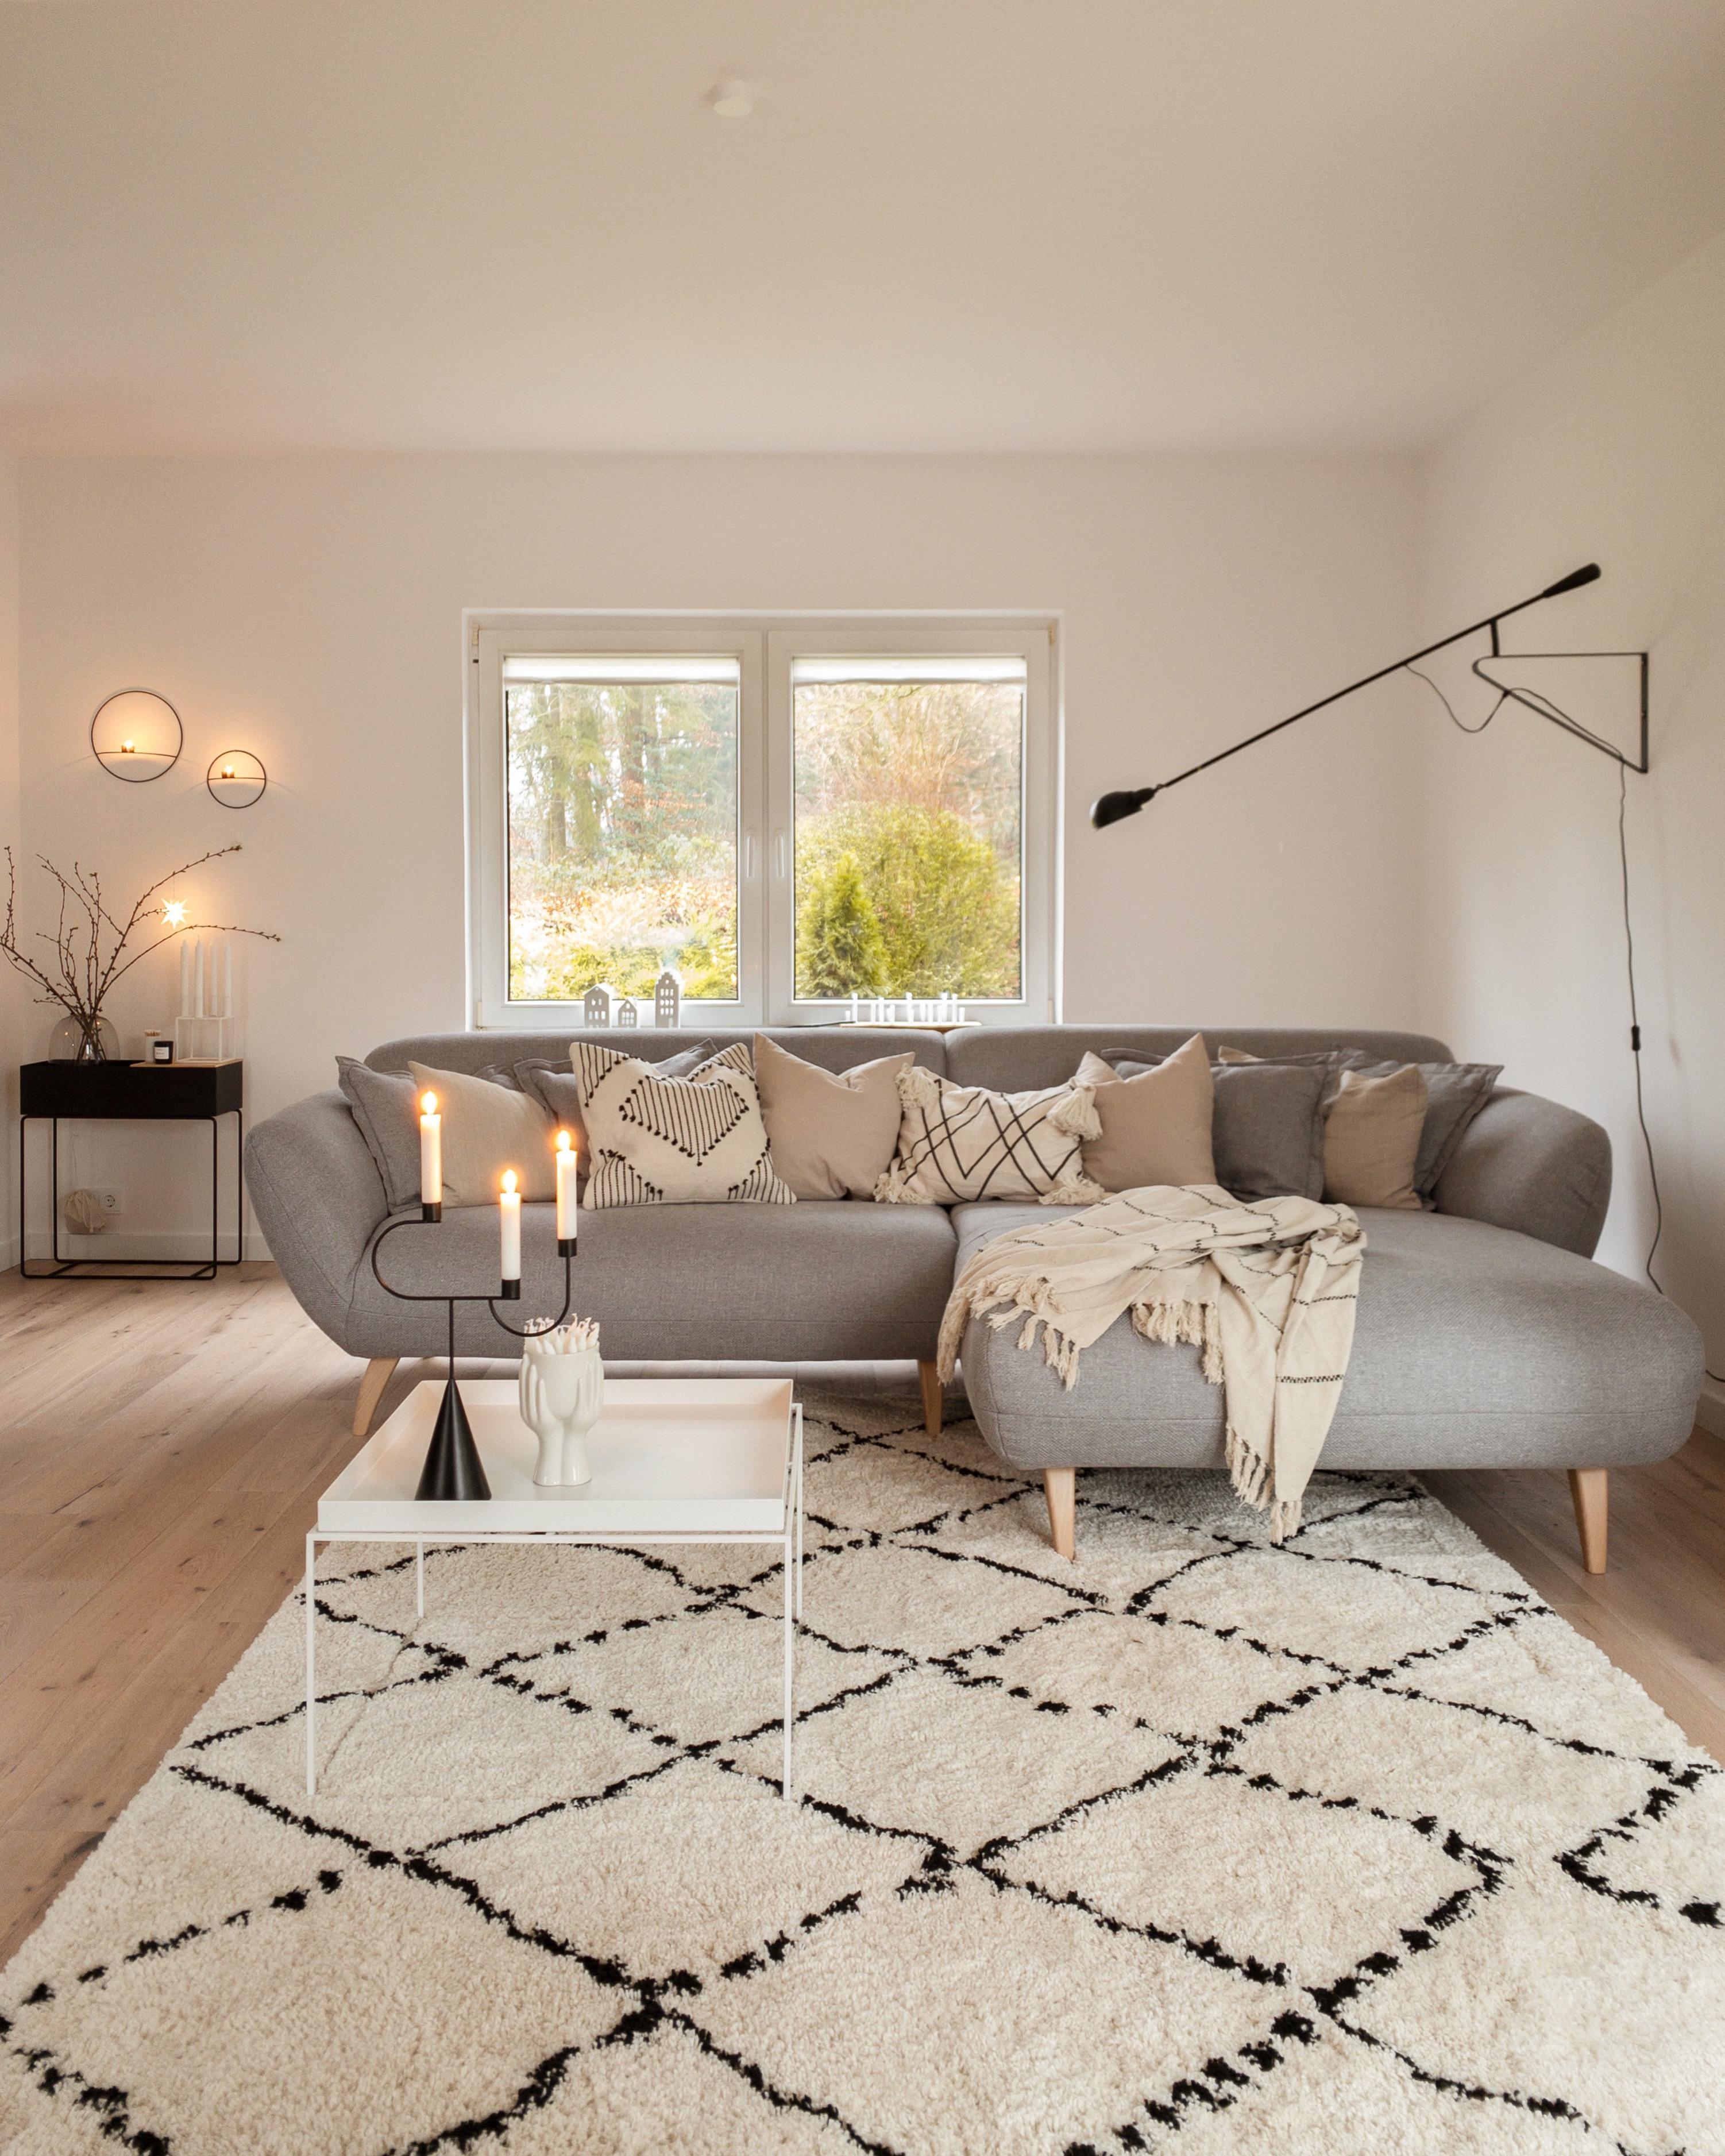 Wohnzimmer - Ideen und Bilder bei COUCH!